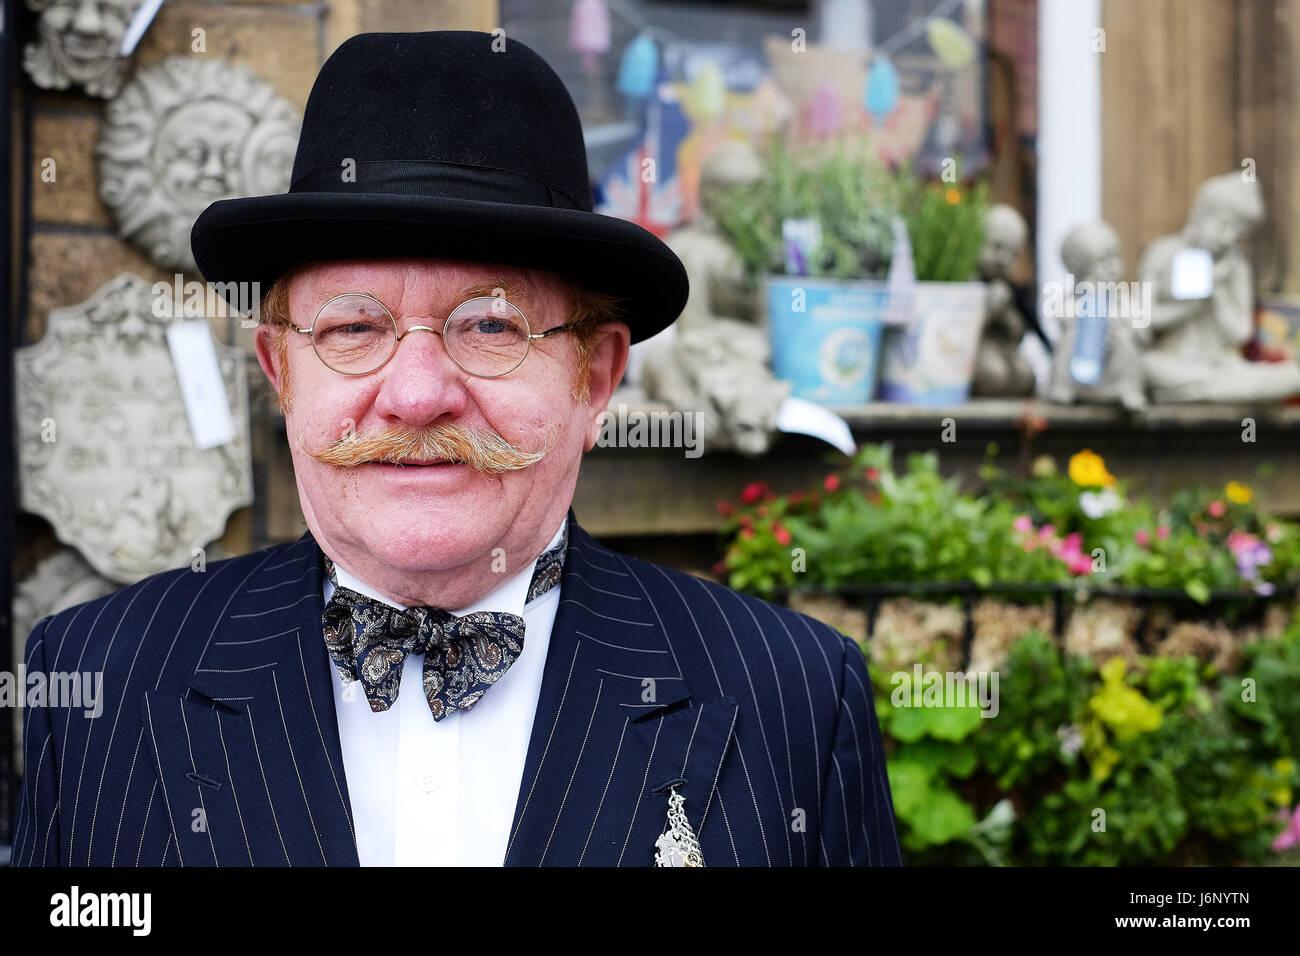 Un uomo di mezza età in abiti tradizionali con un baffi e occhiali rotondi Immagini Stock